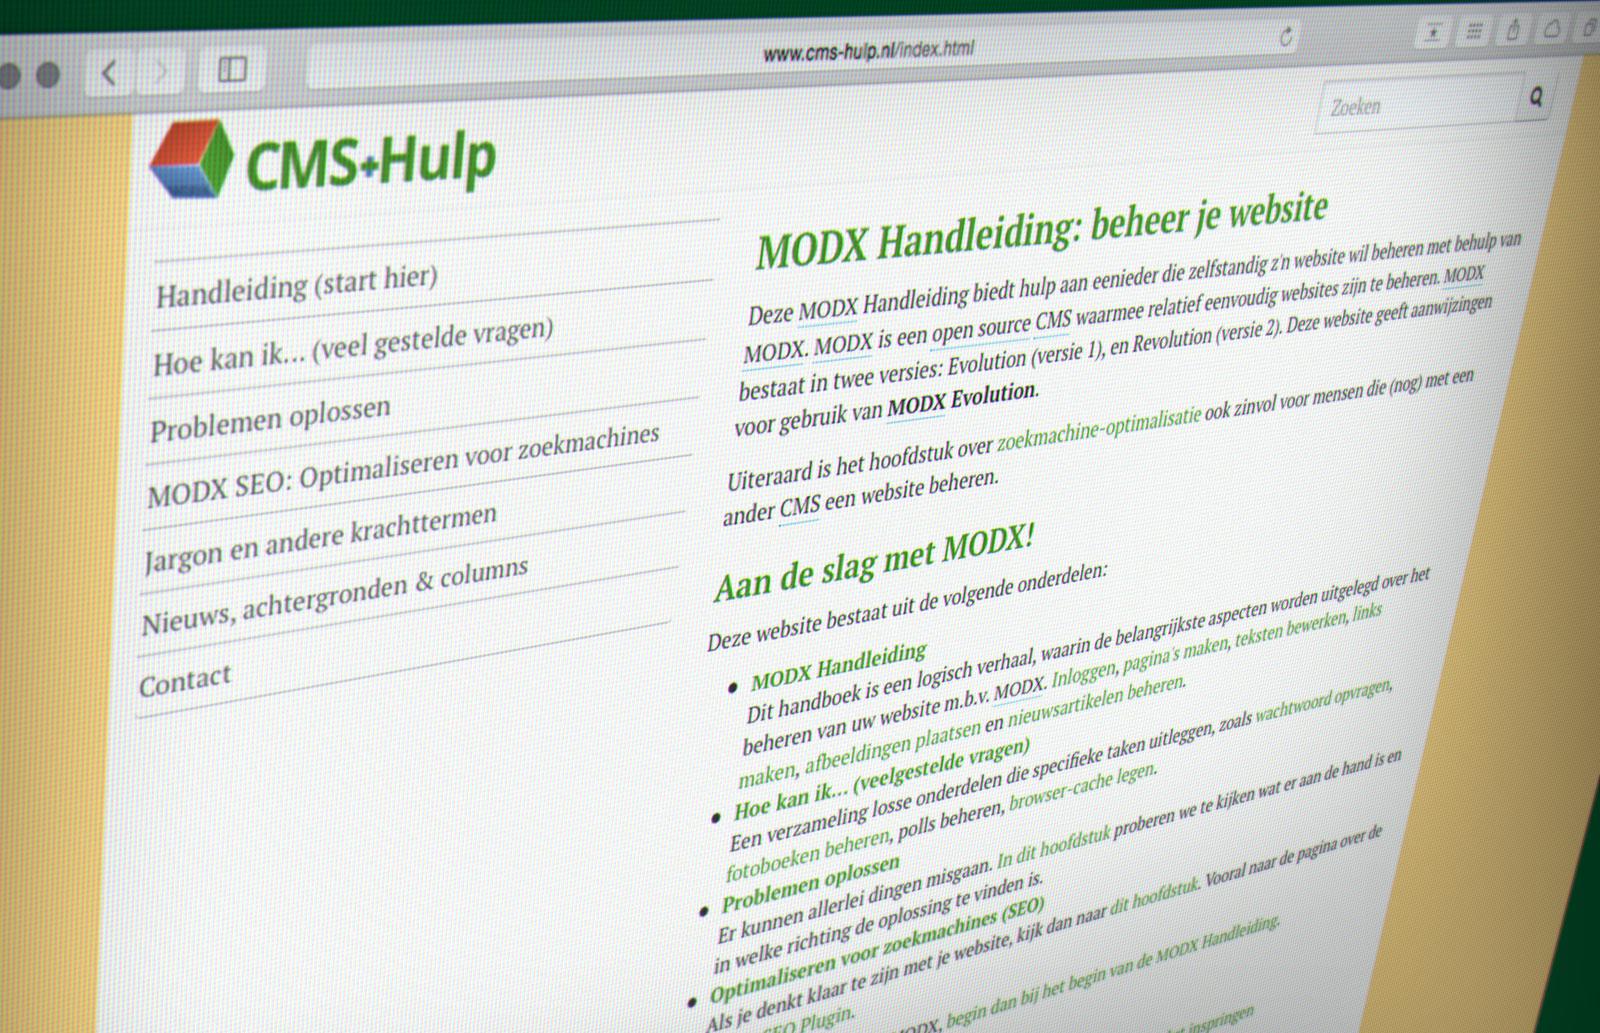 Cms hulp.nl: handleiding contentbeheer met modx pixelxp